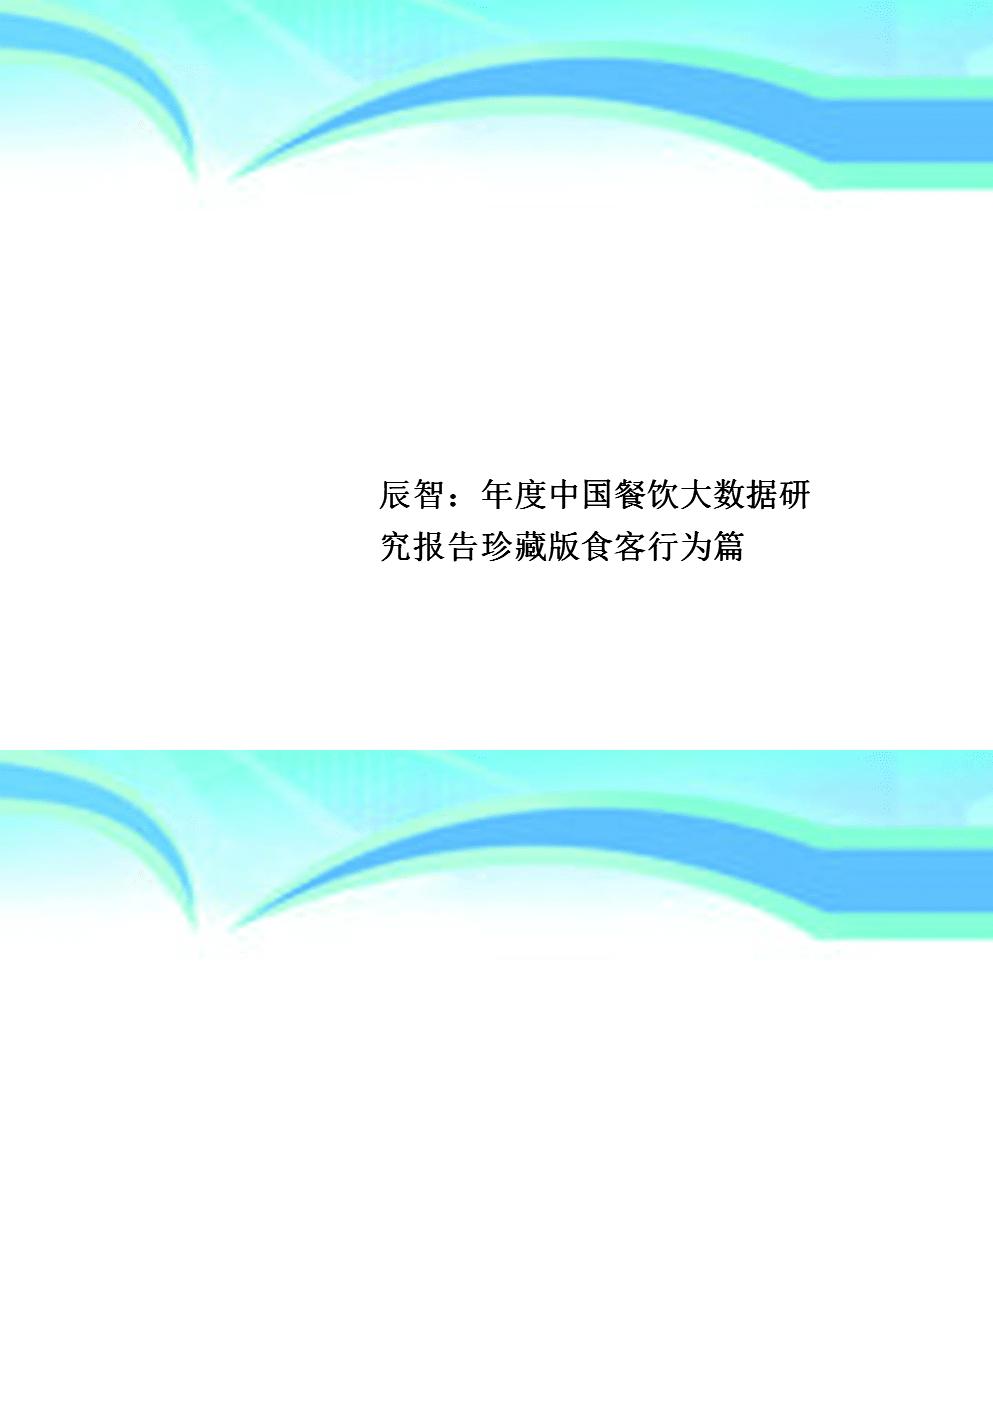 辰智:年度中国餐饮大数据研究报告珍藏版食客行为篇.docx